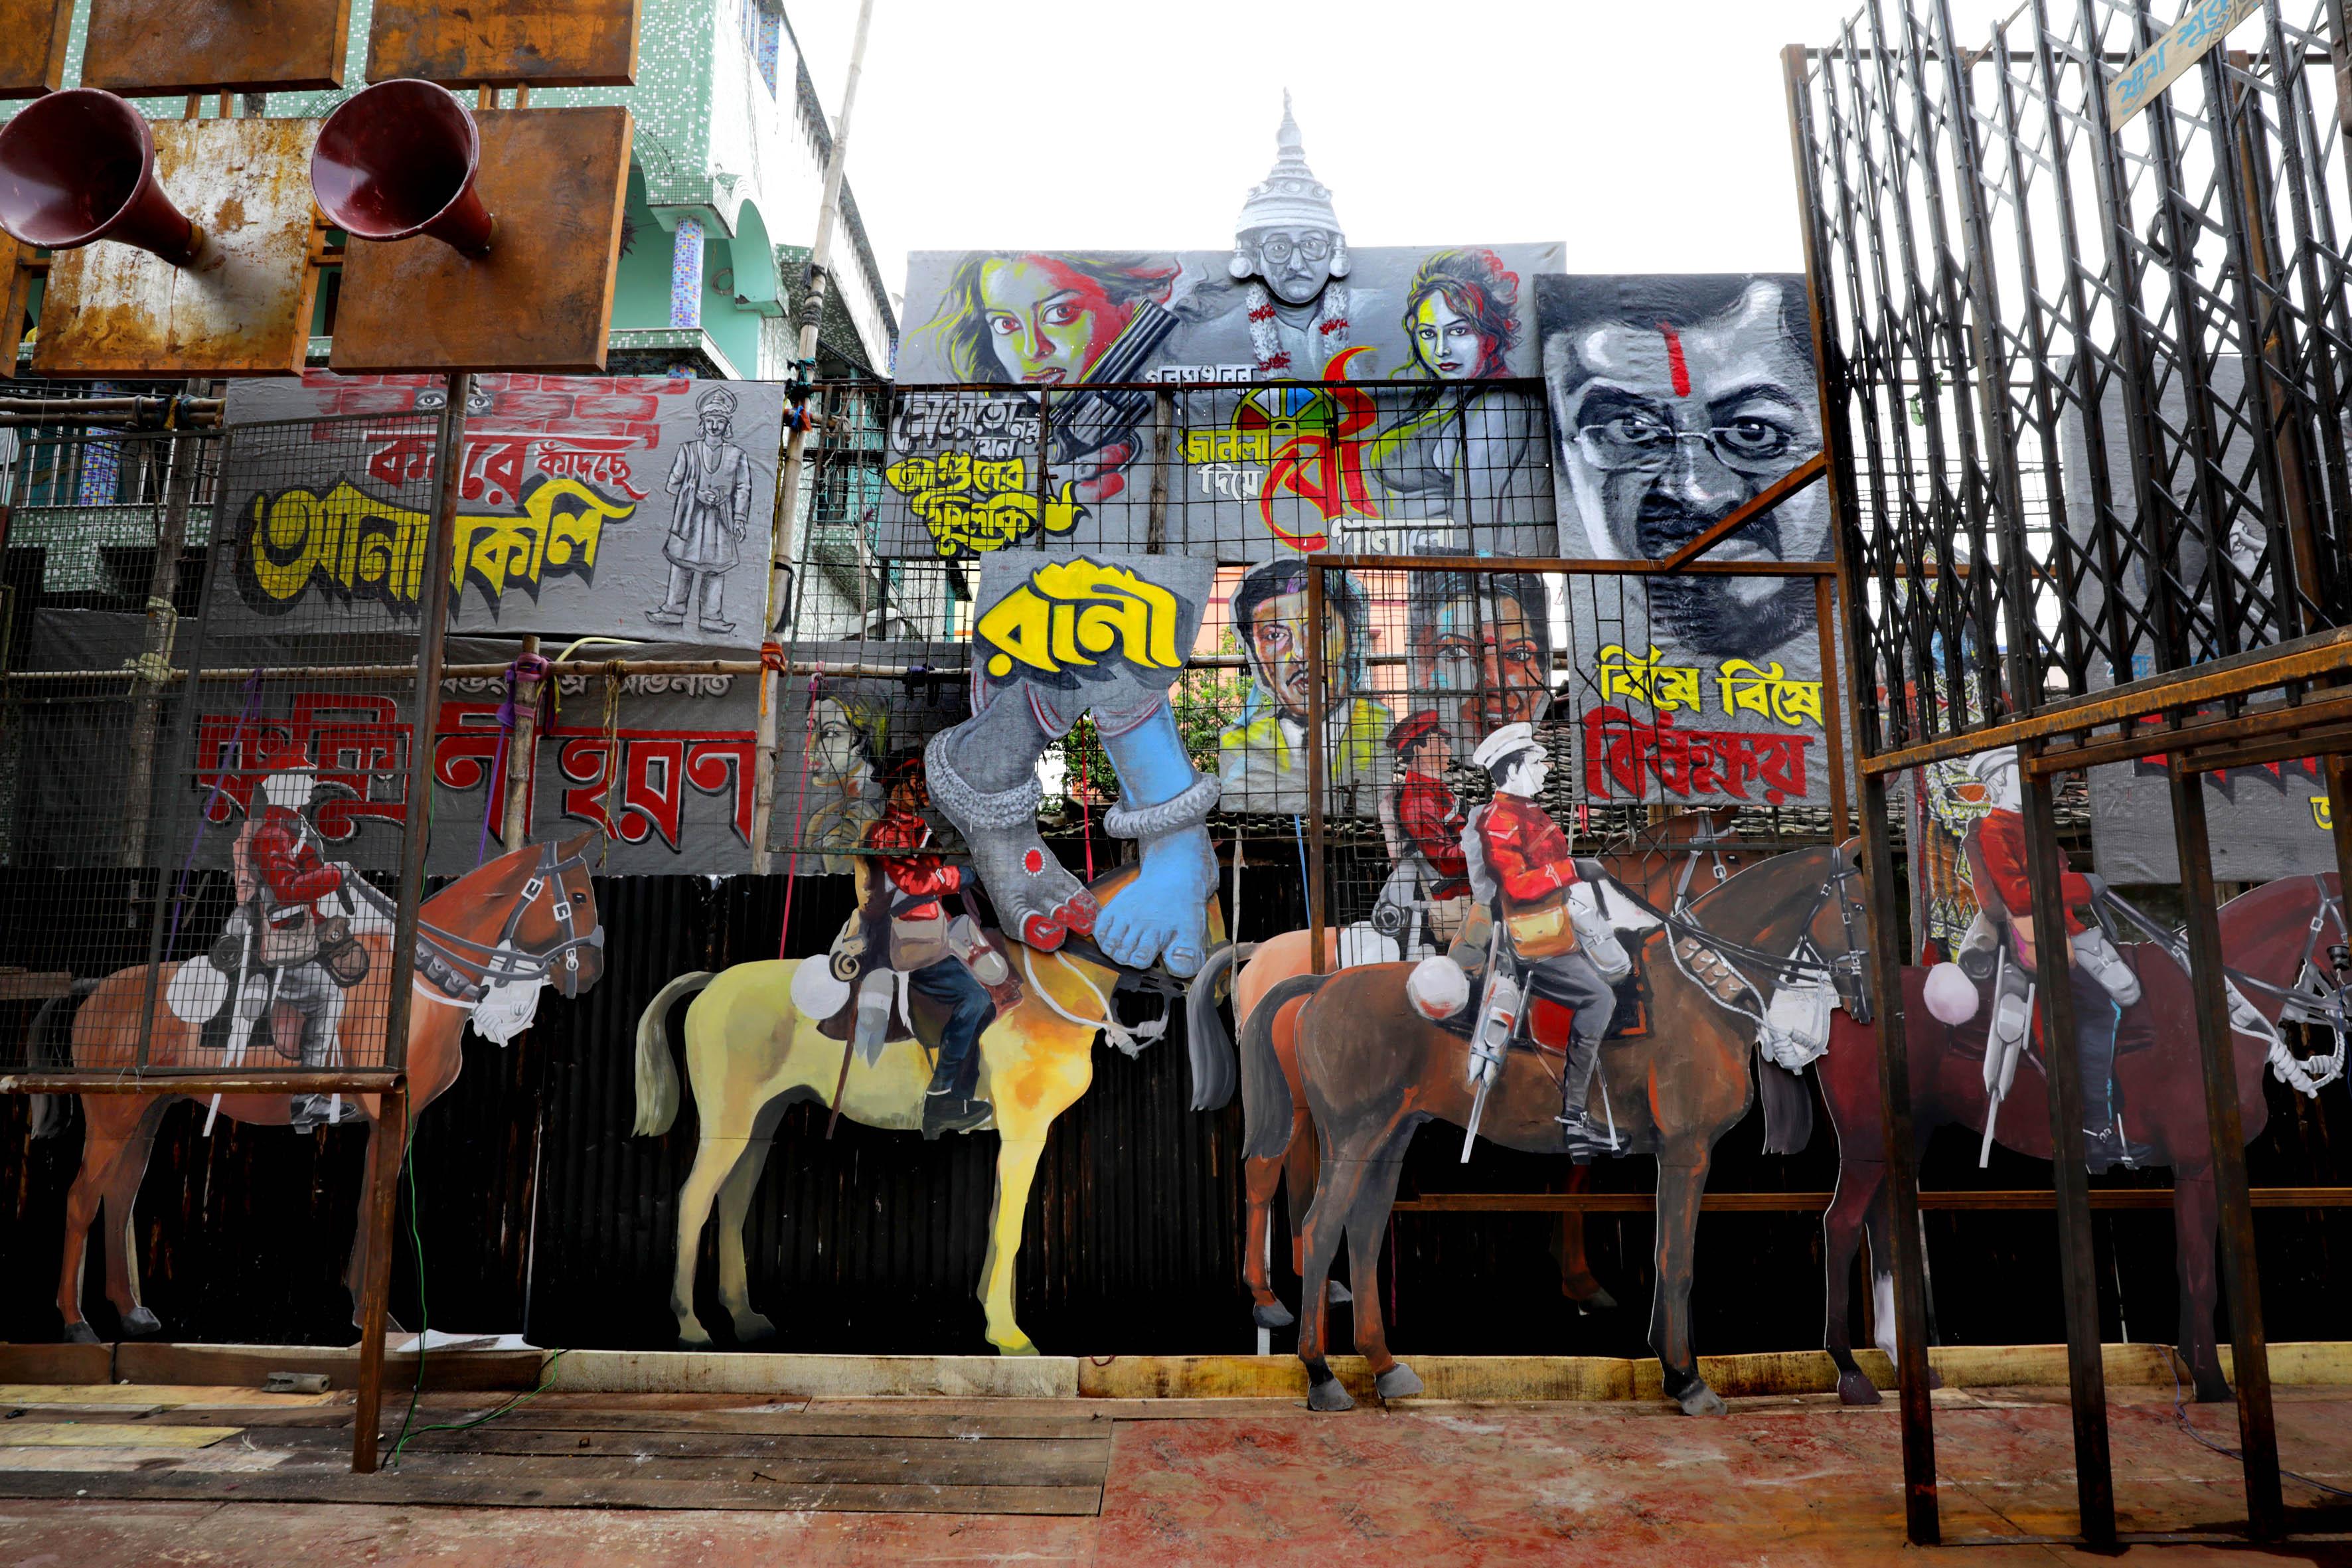 احتفالات مهرجان دورجا بوجا